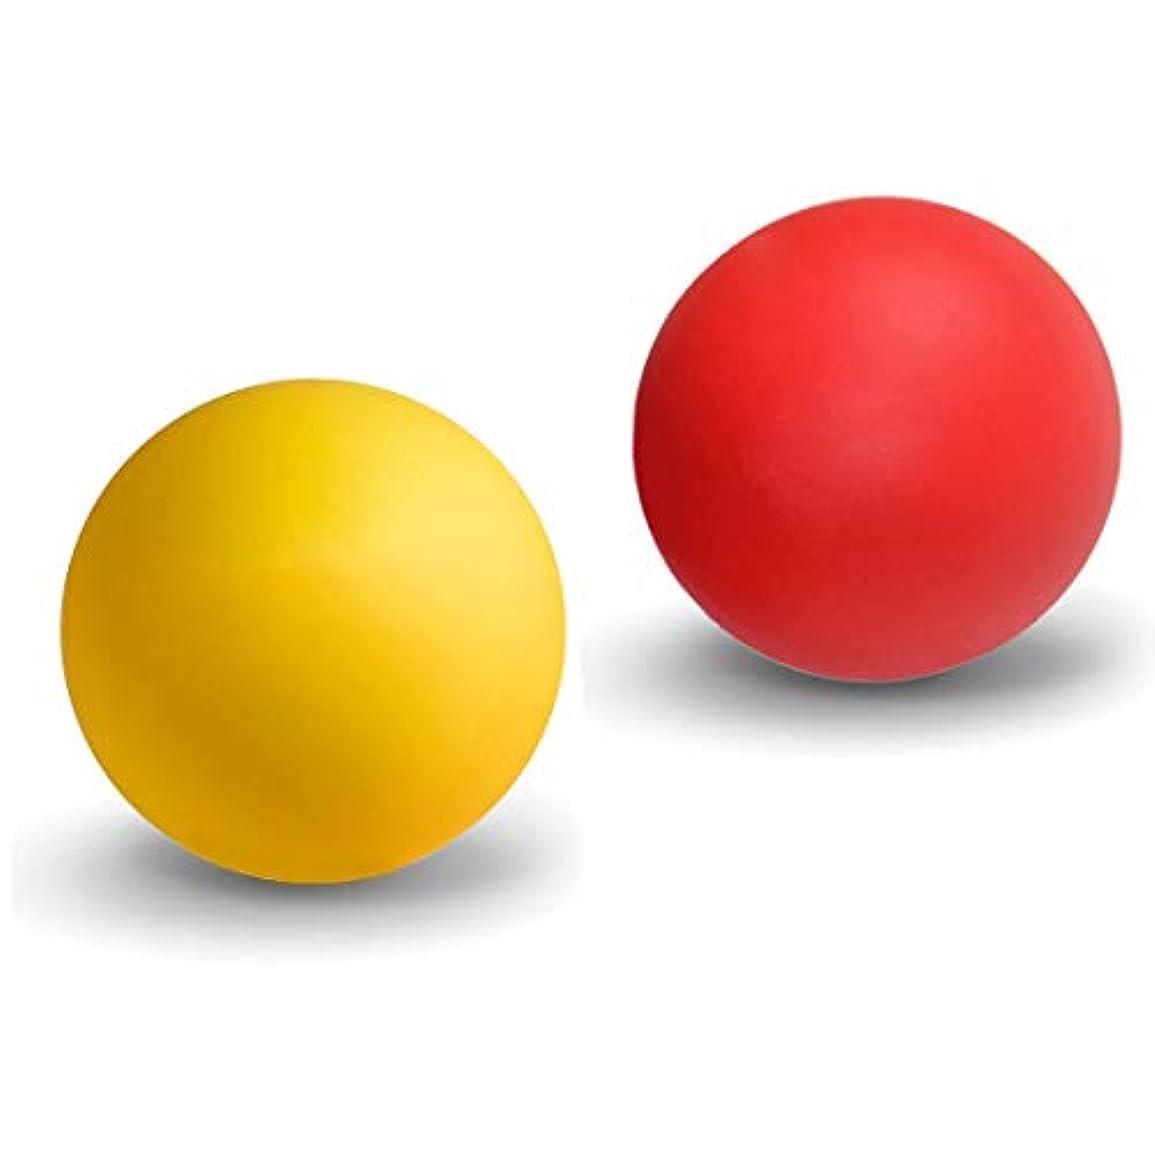 十一柔らかい足優しさマッサージボール ストレッチボール トリガーポイント ラクロスボール 筋膜リリース トレーニング 指圧ボールマッスルマッサージボール 背中 肩こり 腰 ふくらはぎ 足裏 ツボ押しグッズ 2で1組み合わせ 2個 セット